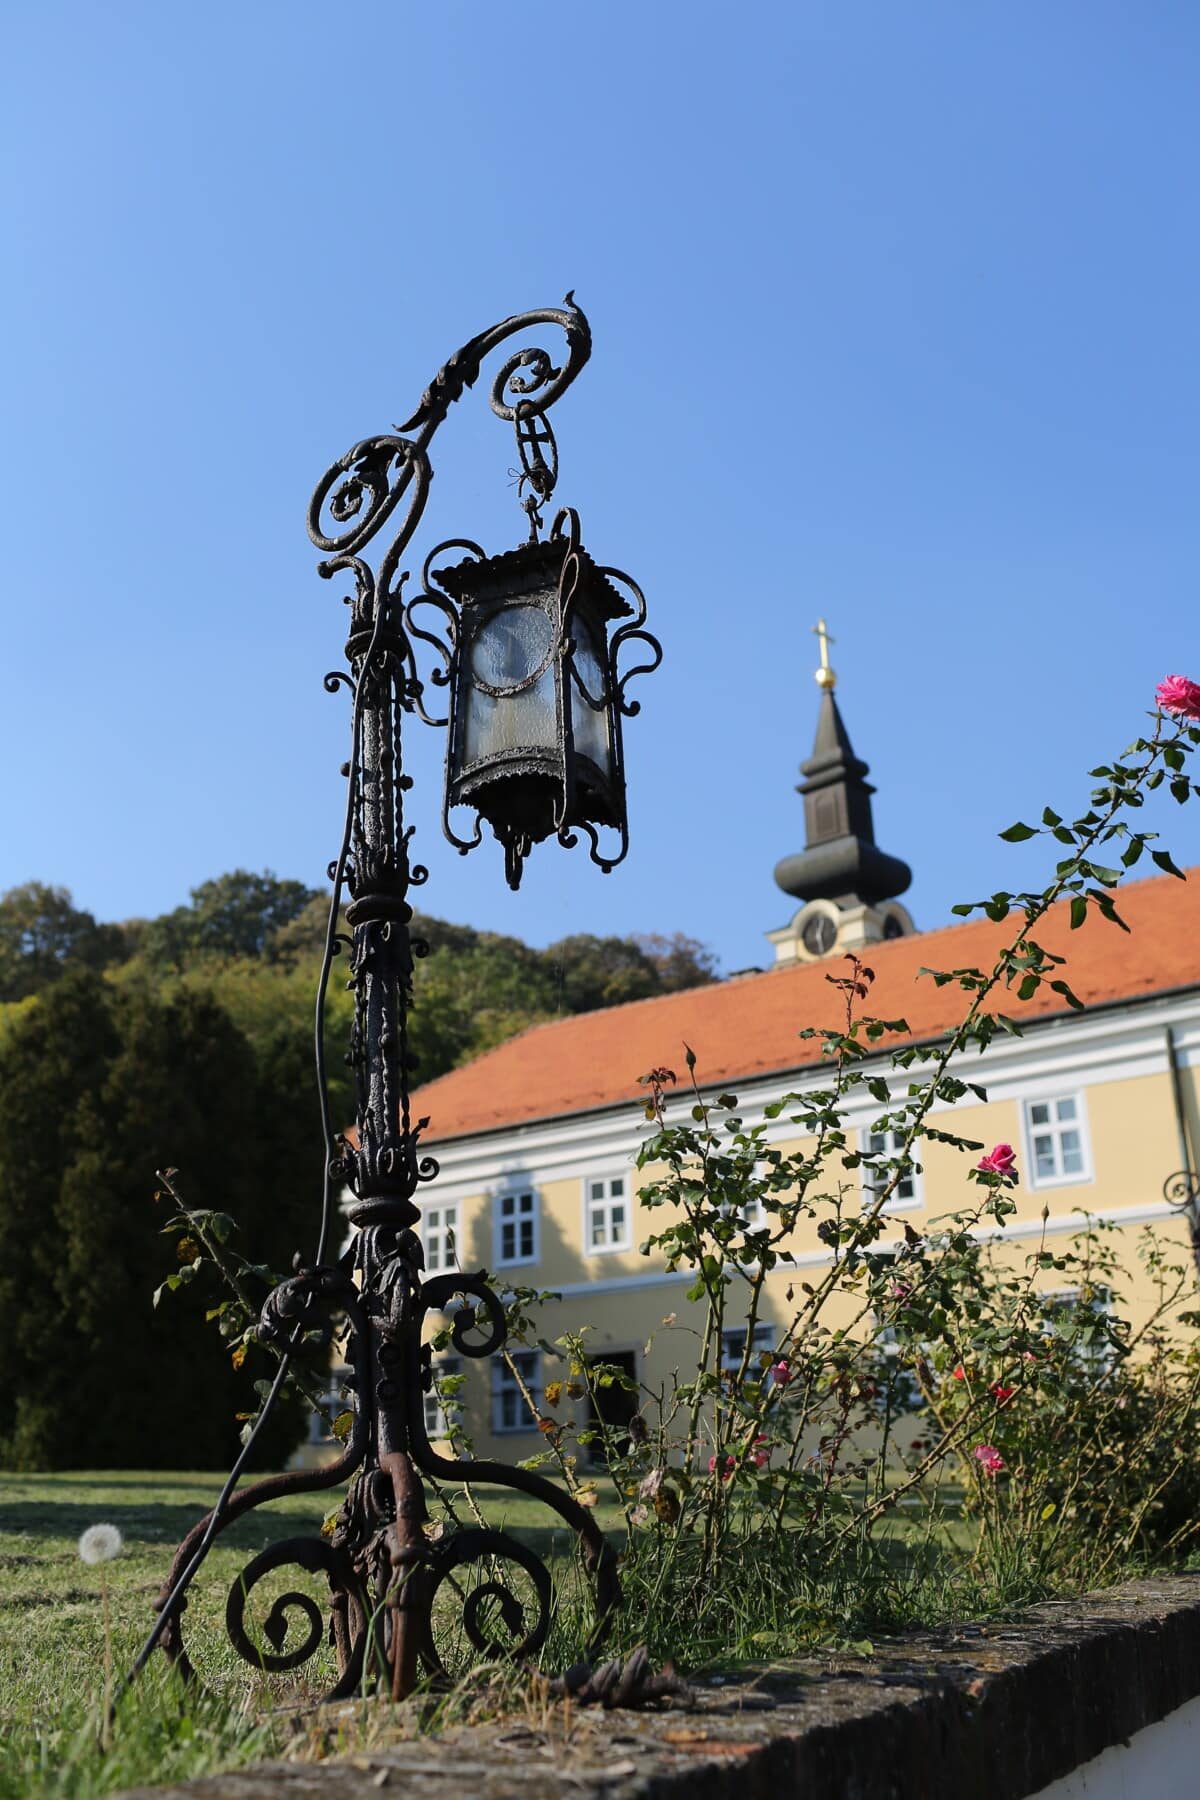 fait main, fer de fonte, lanterne, démodé, fer, baroque, église, architecture, bâtiment, vieux